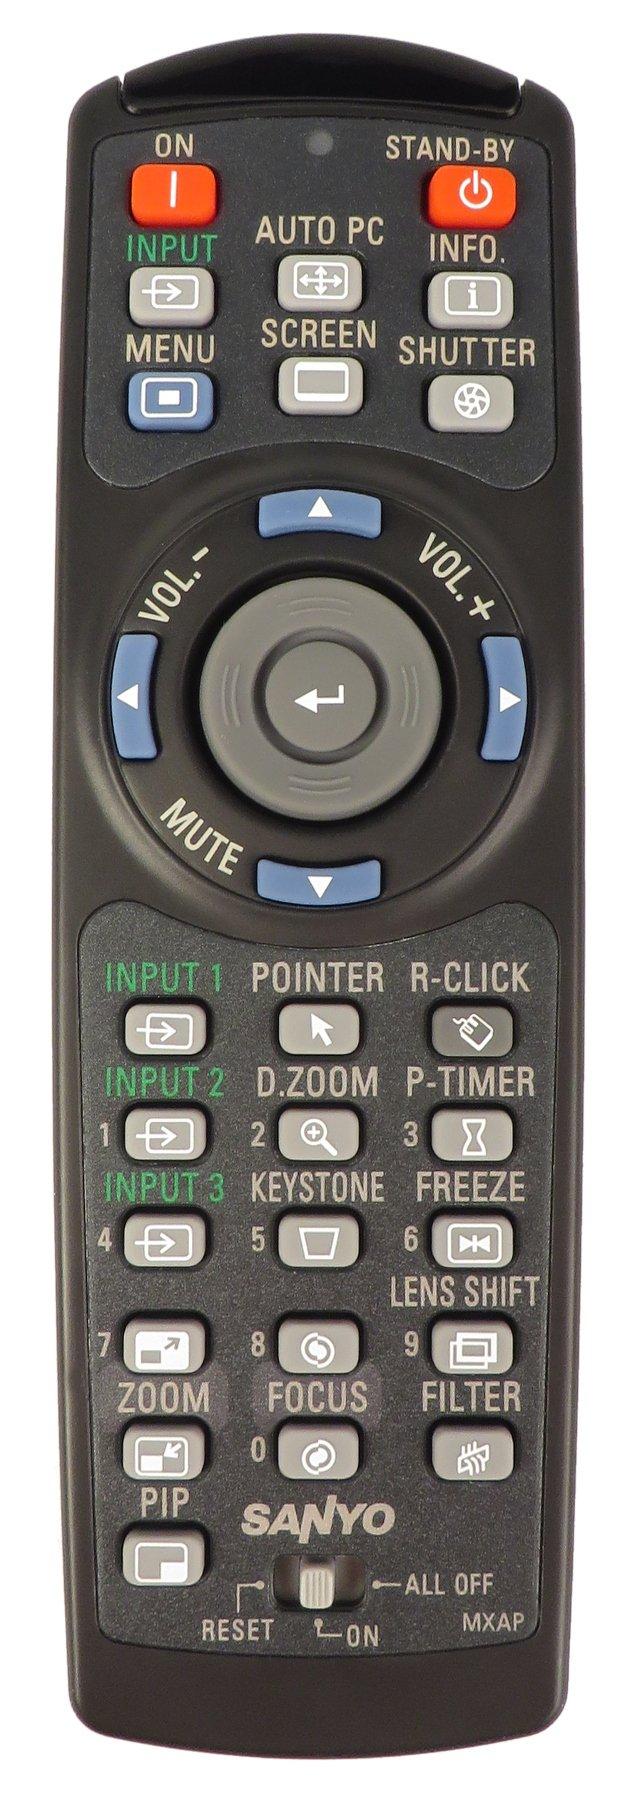 Remote for PLCWL5500